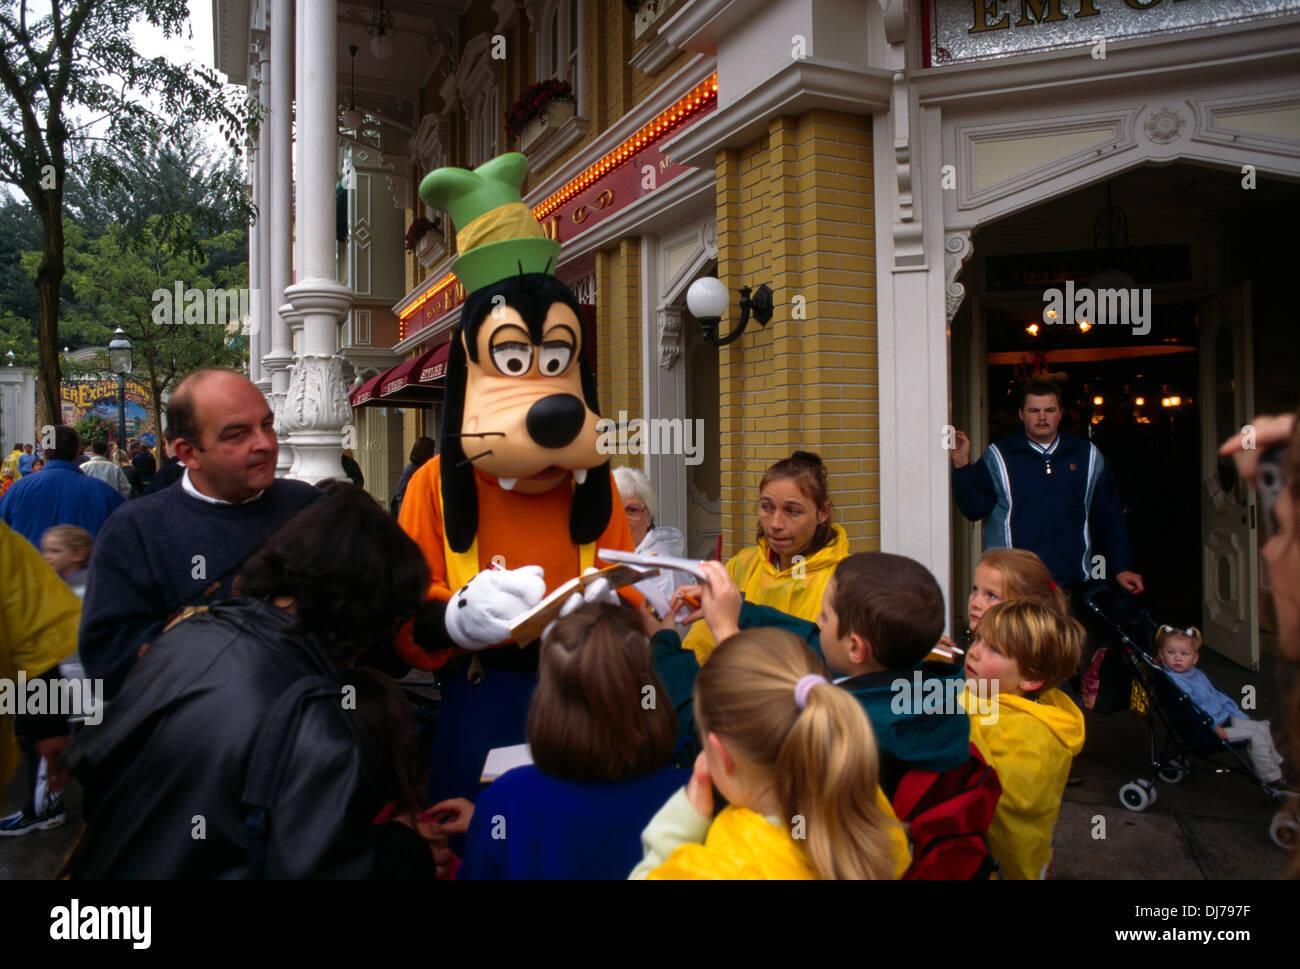 Paris France Eurodisney Goofy Signing Autographs - Stock Image